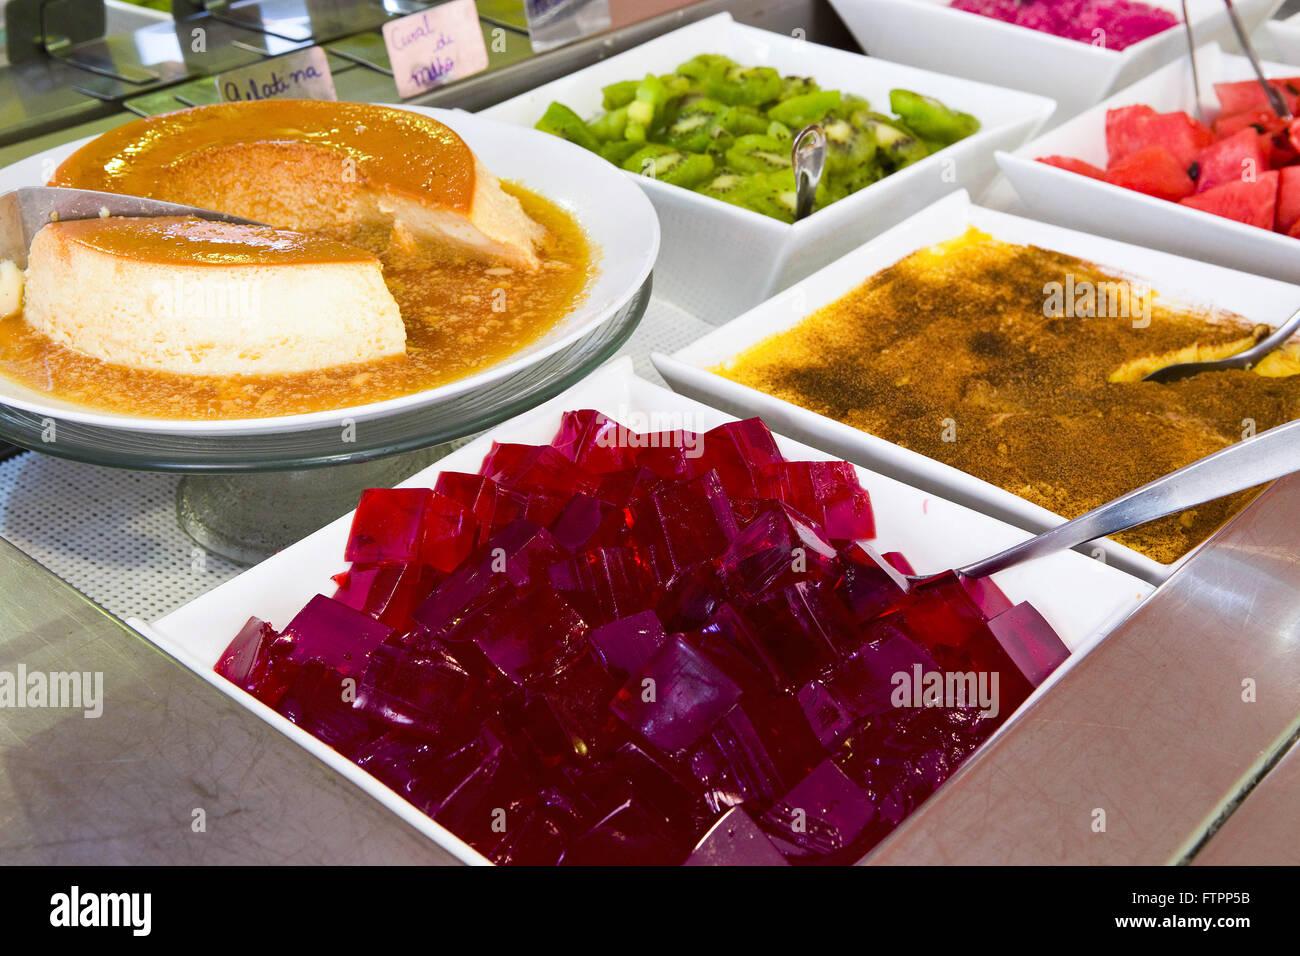 Buffet Di Dolci E Frutta : I cigni ristorante apgallery